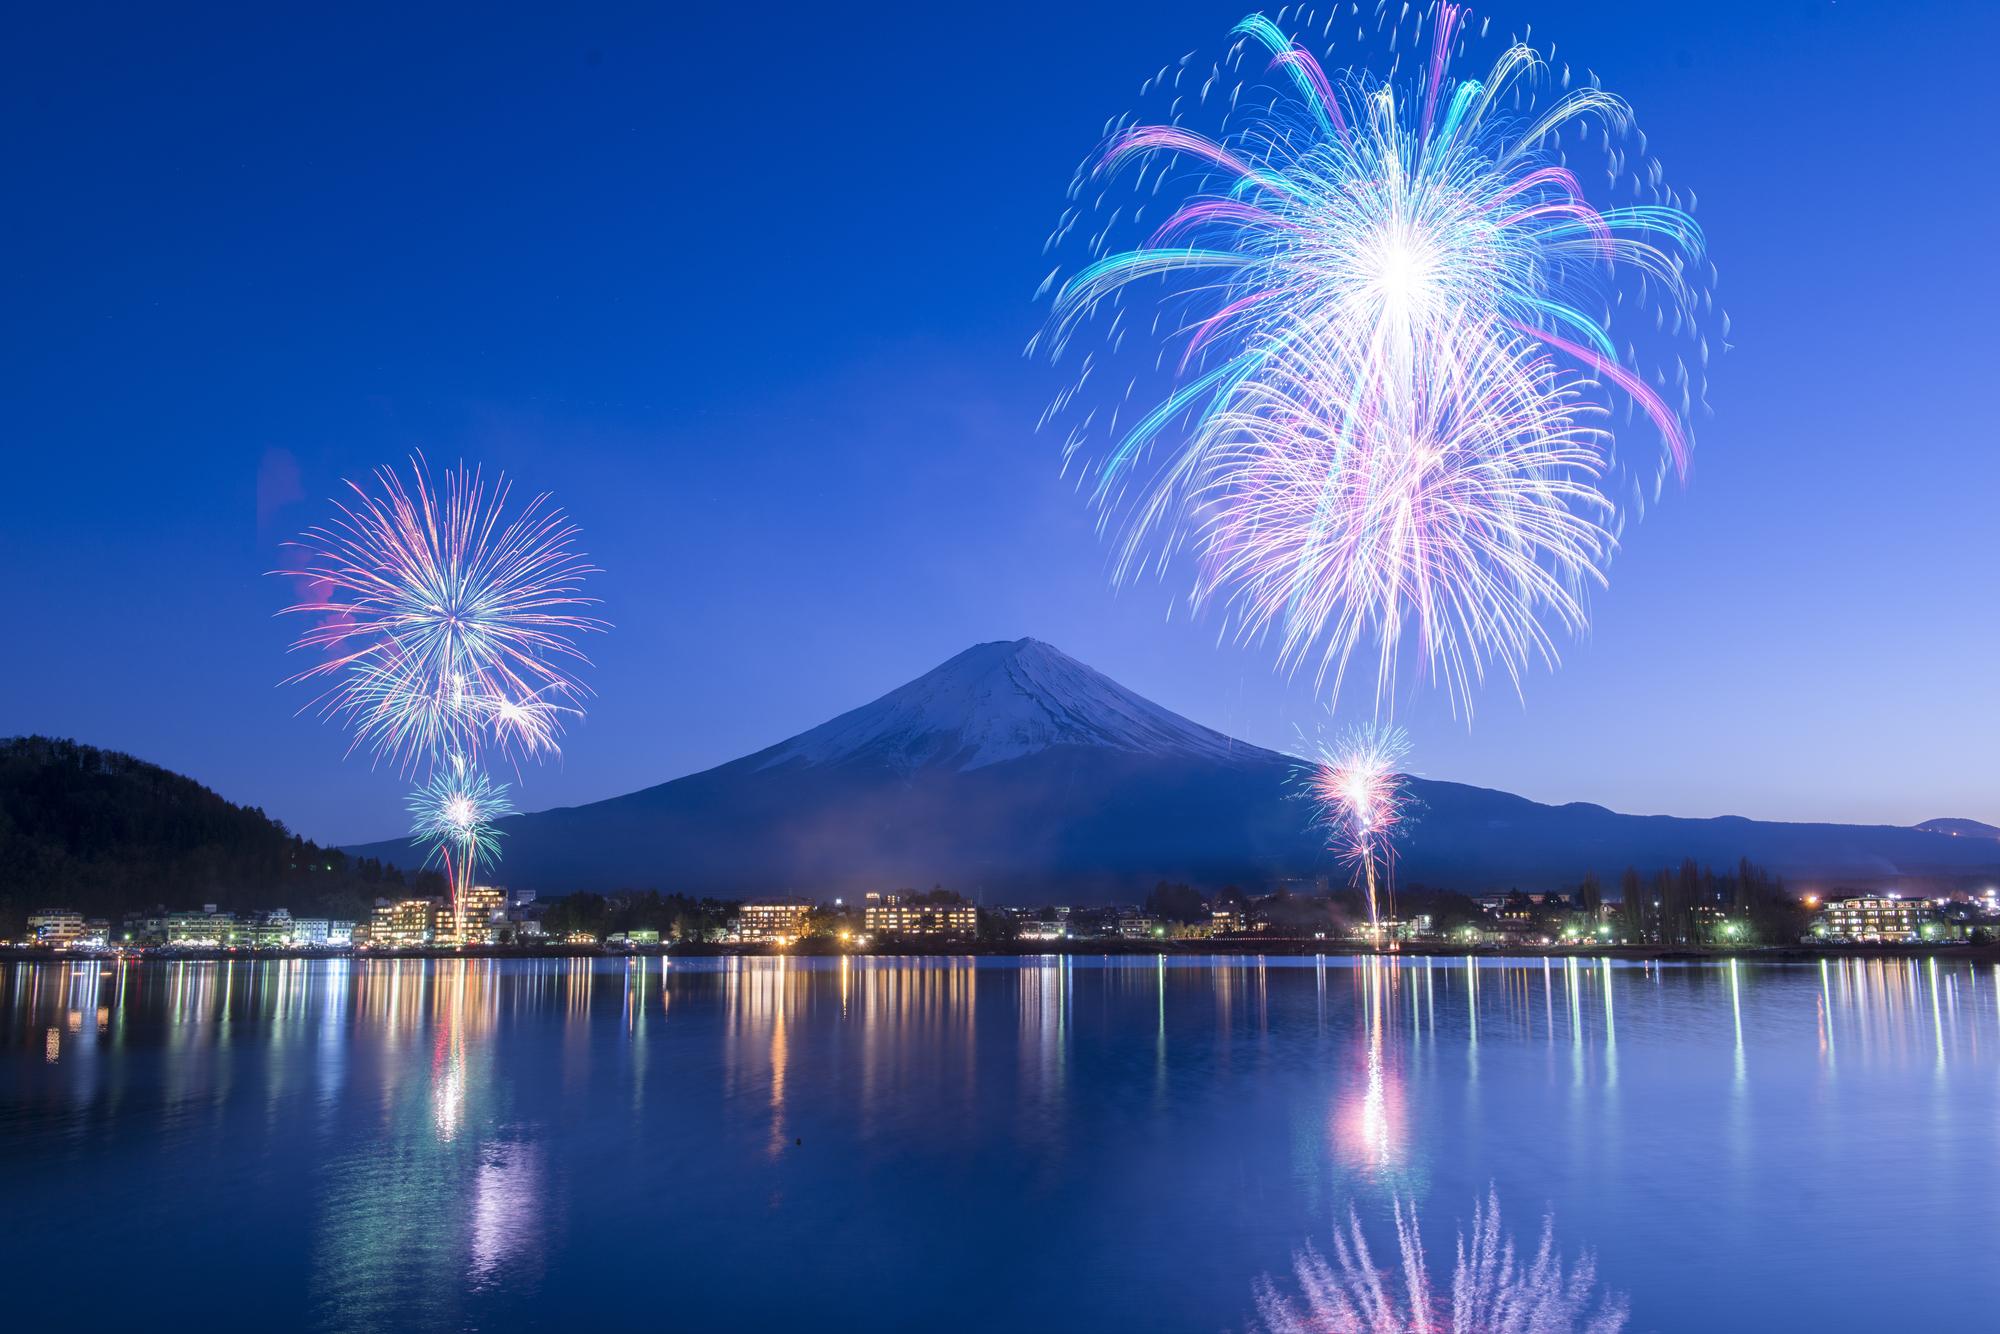 河口湖&富士山麓エリア(山梨・静岡)の住み込みリゾートバイト案内